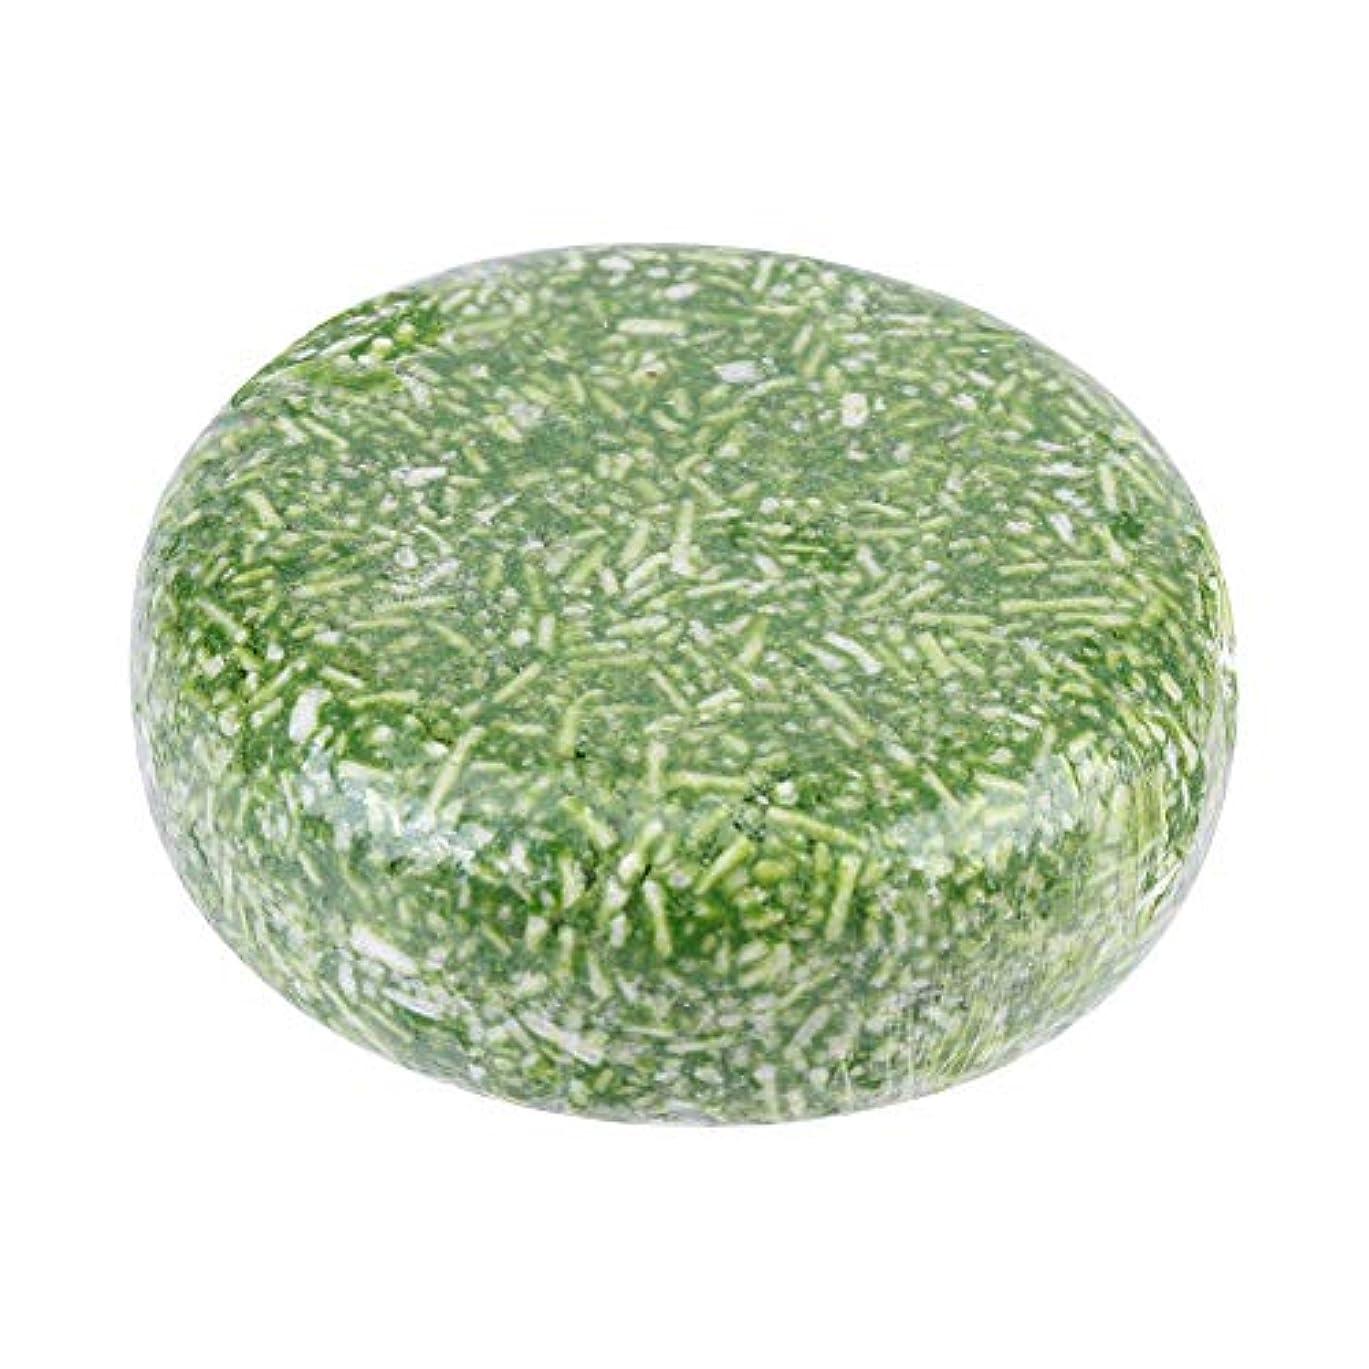 社会冷ややかな致命的オーガニック手作り冷たいシナモンシャンプーバー100%ピュアヘアシャンプー(グリーン)